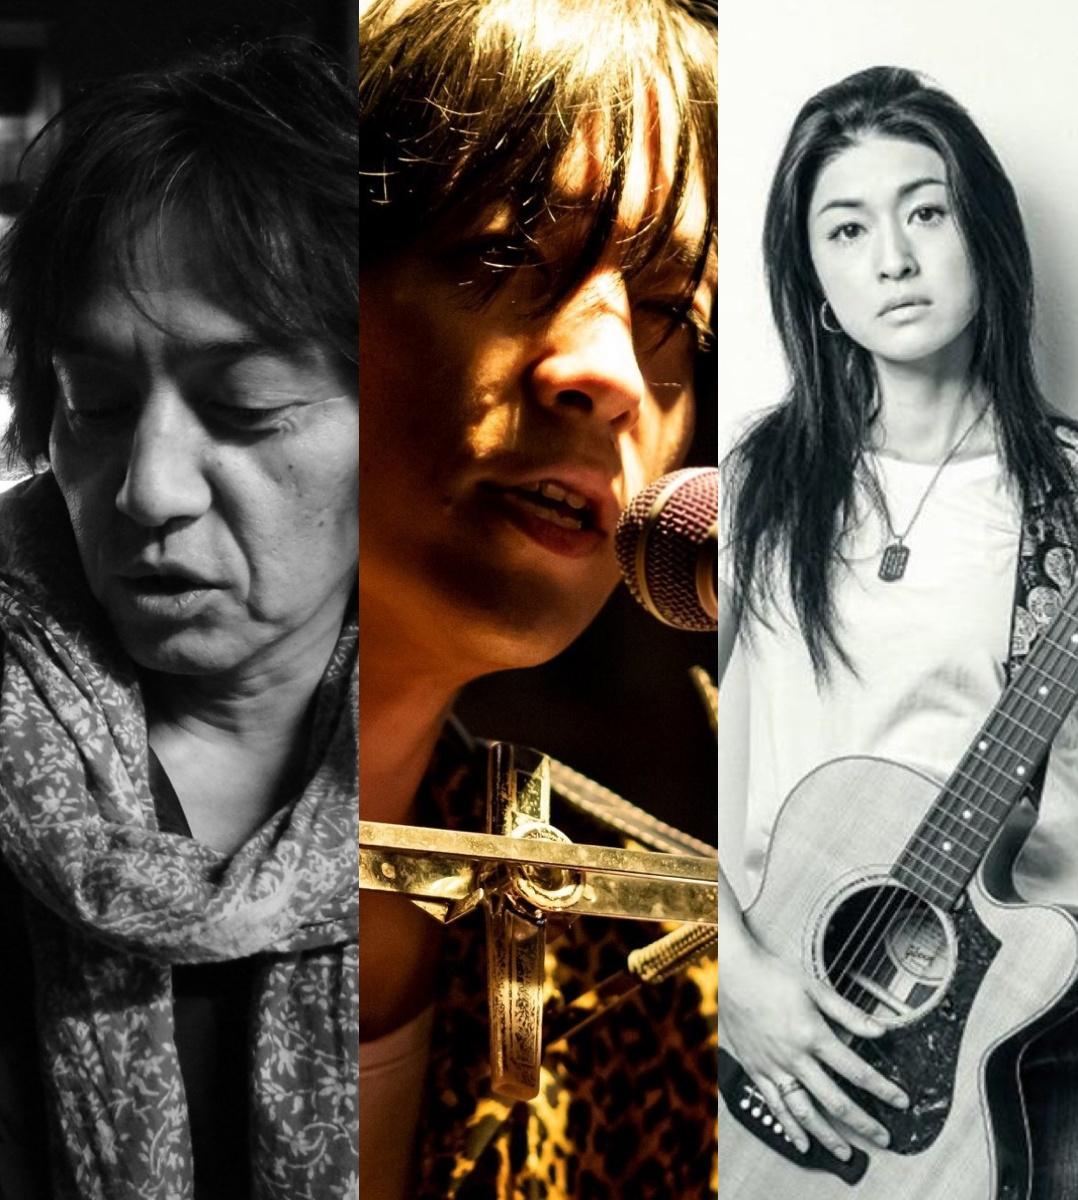 『鳴かぬなら、きみがギターをかき鳴らせ!』出演:ササキショーイチ / 松浦健太 / 西尾祐理子